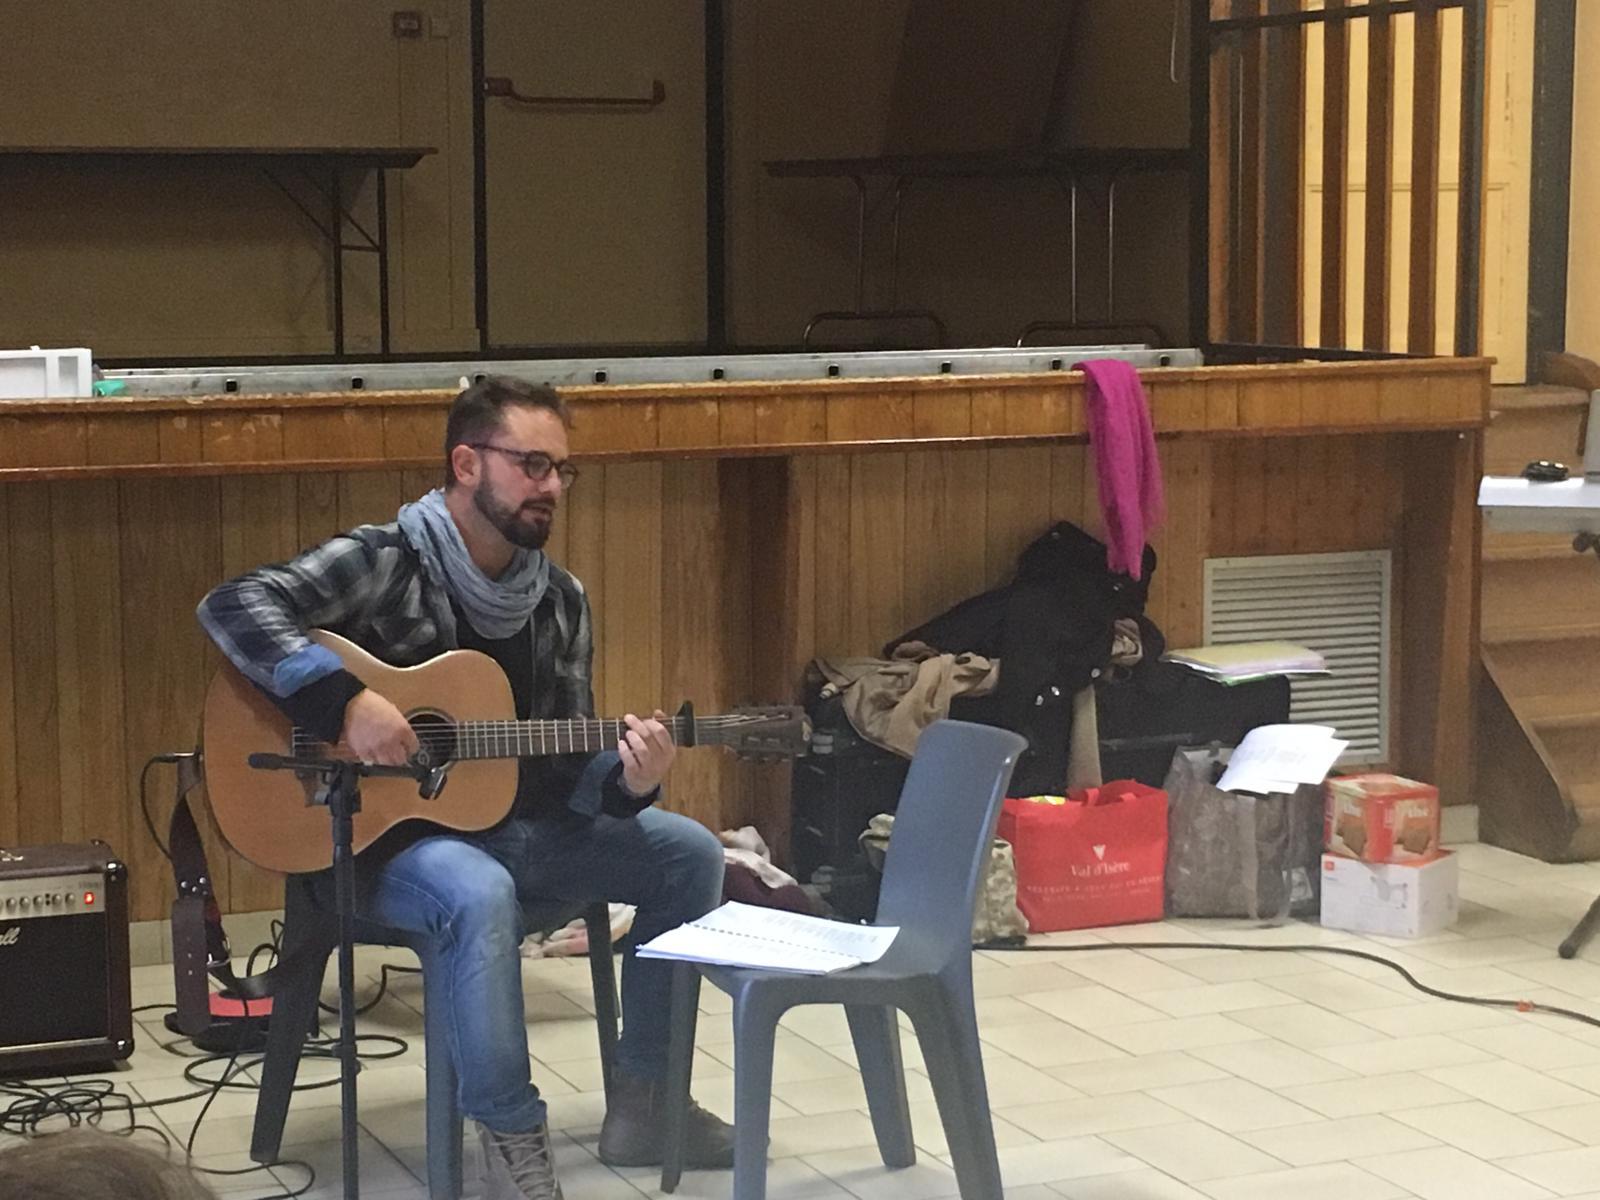 Fabrice à la guitare nous fait le cadeau d'une chanson